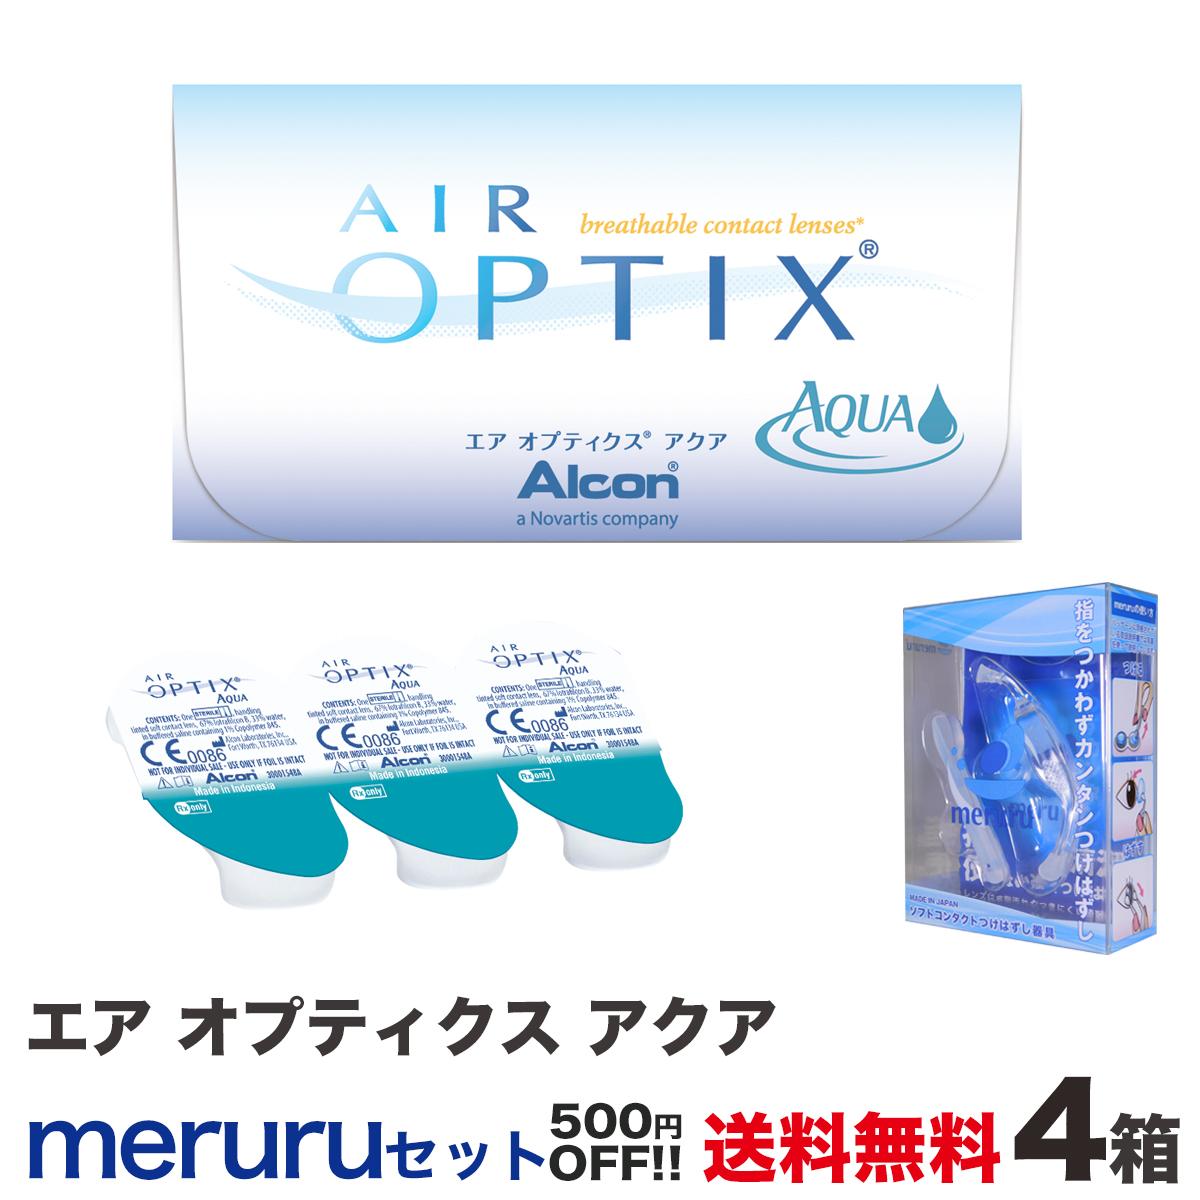 エア オプティクス アクア4箱+メルルセット 全国送料無料! セット購入で500円OFF! <2週間交換タイプ ソフトコンタクトレンズ 日本アルコン 1箱6枚入り>